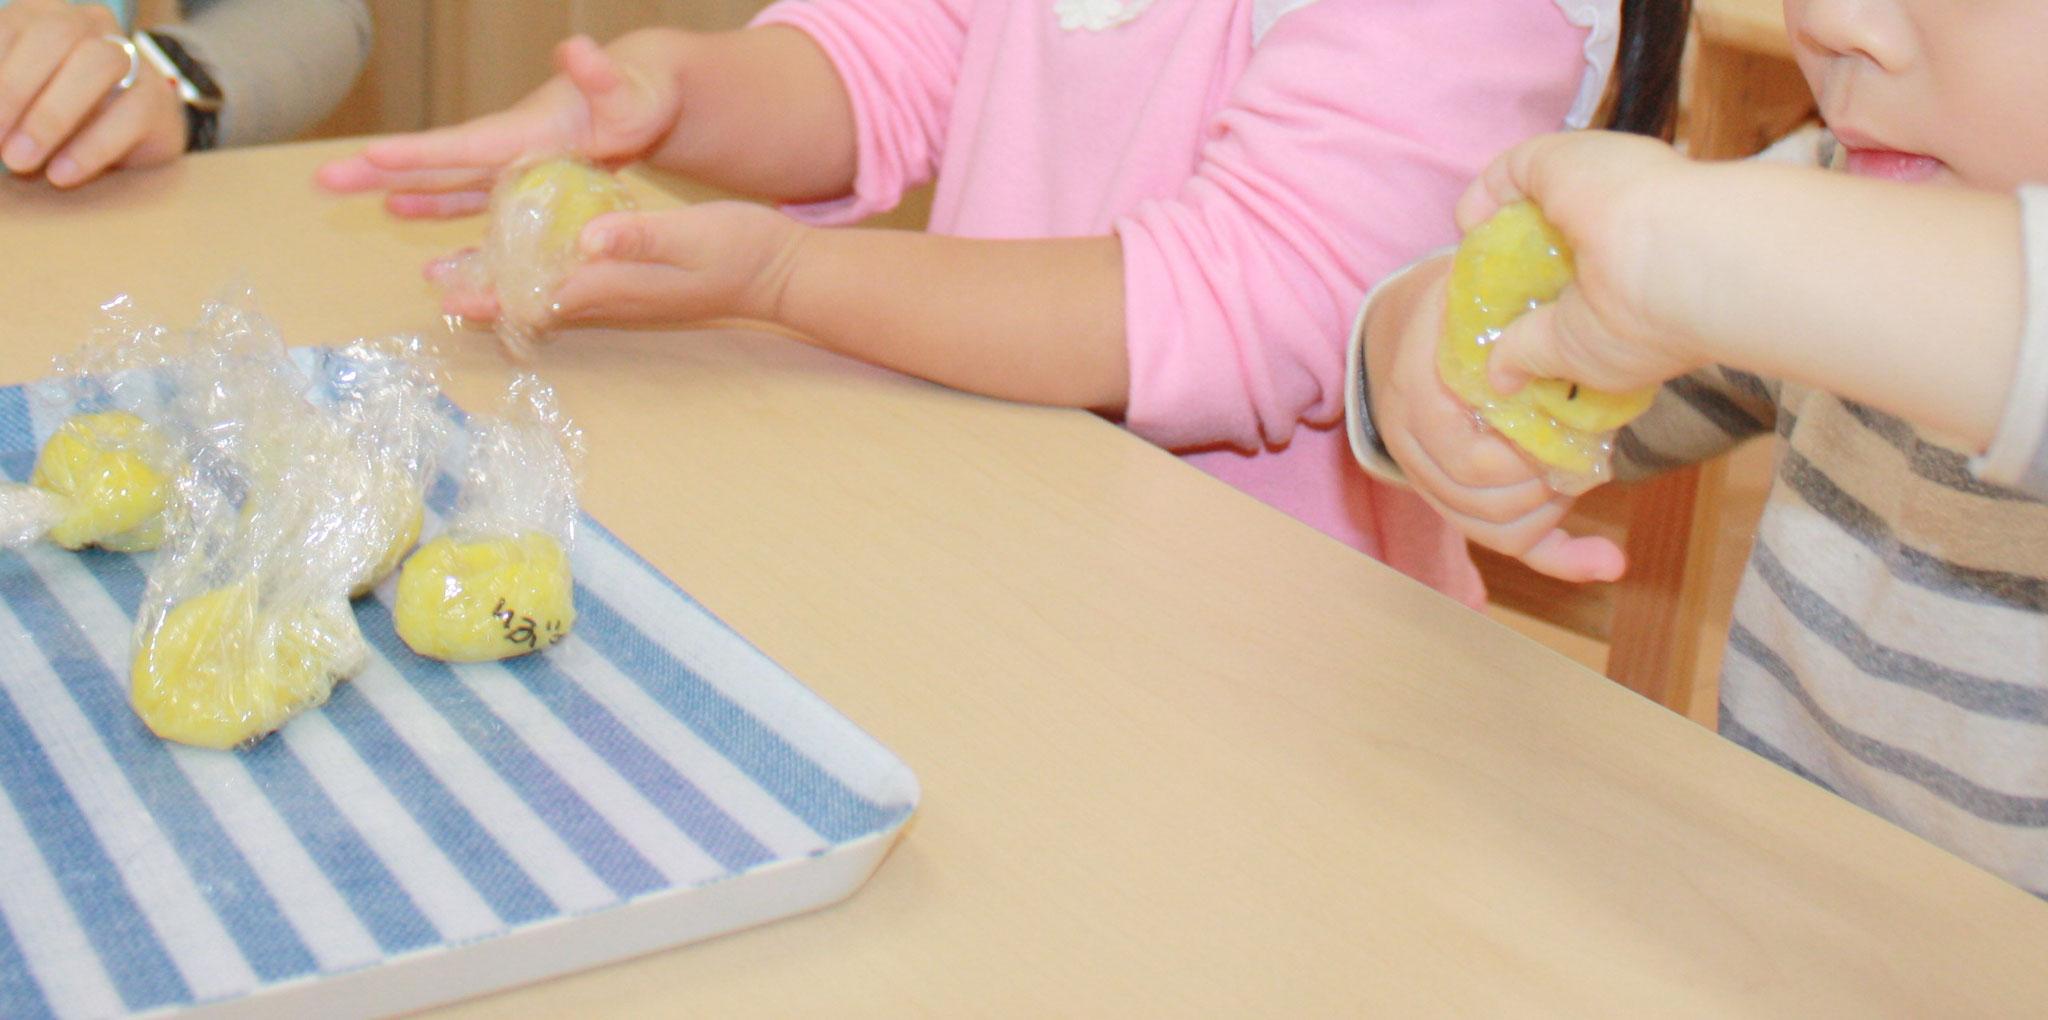 それからラップに包んでコロコロコロコロ。 芋団子の出来上がり! きな粉もかけておいしくいただきました!